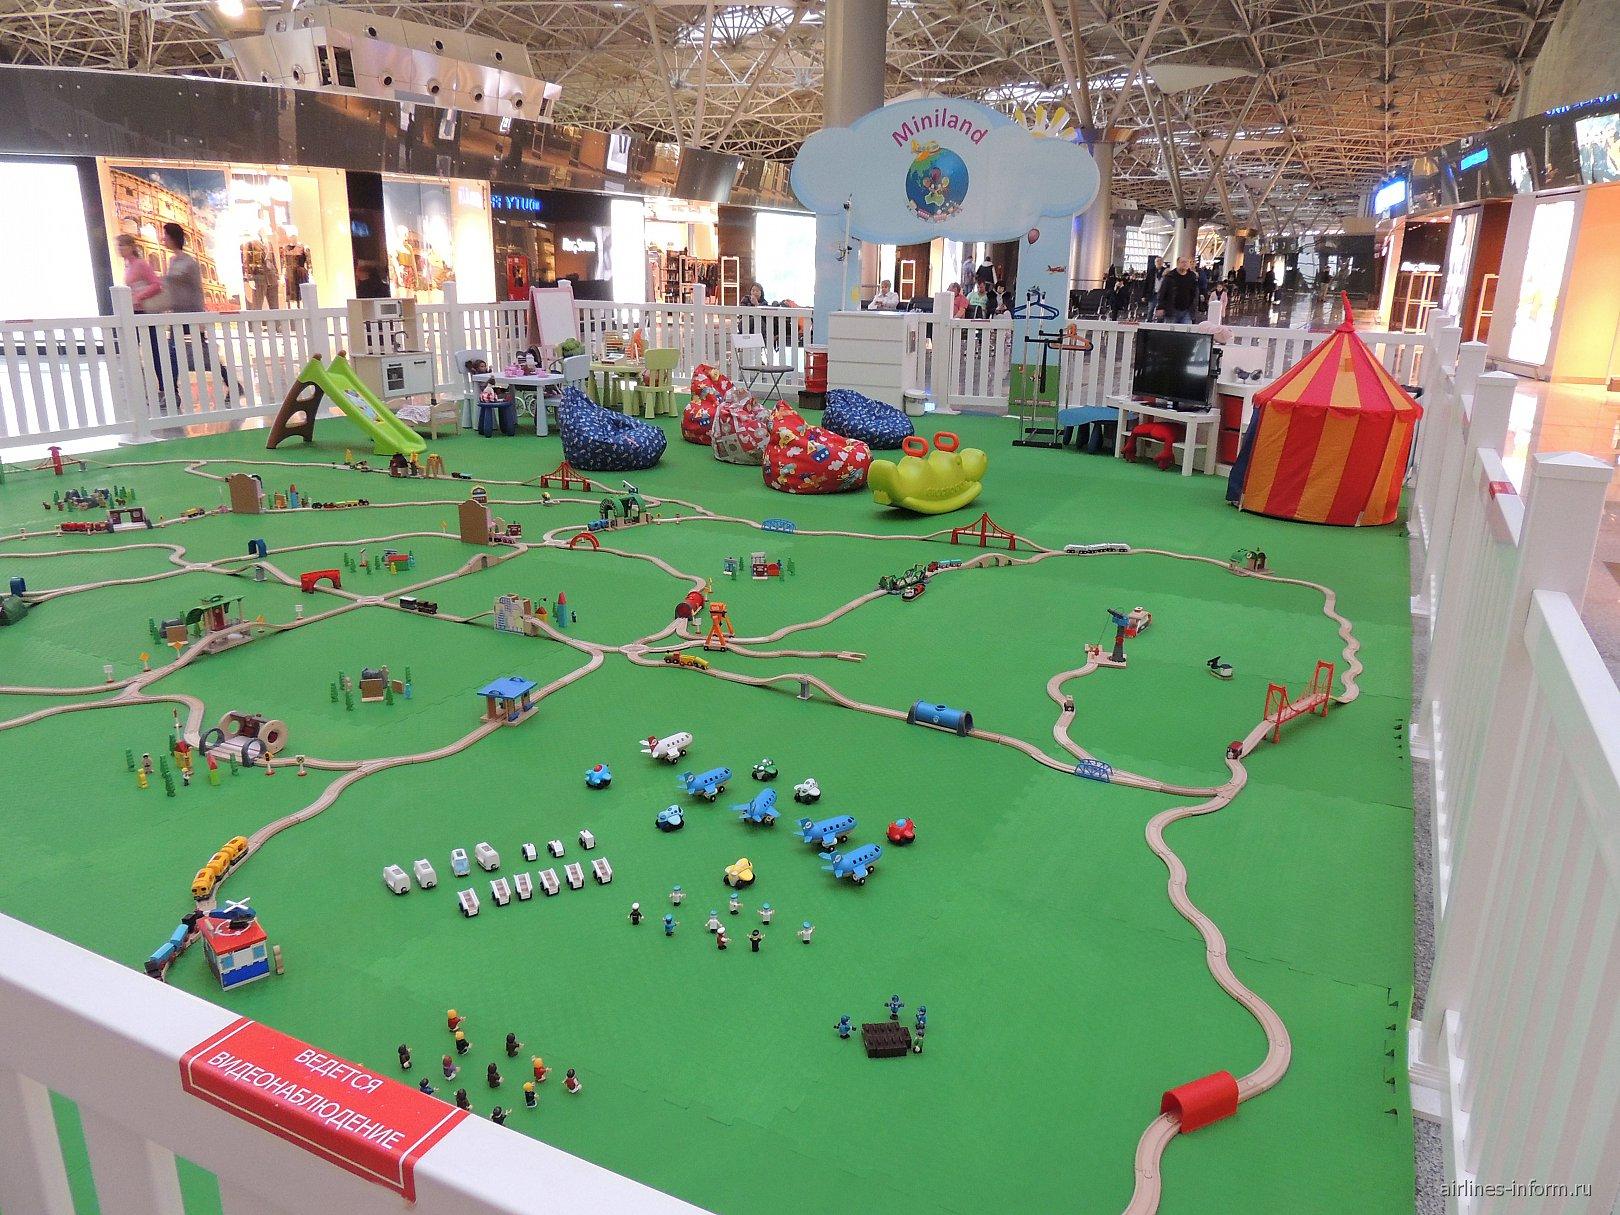 Детская игровая площадка в зоне международных вылетов Терминала А аэропорта Внуково